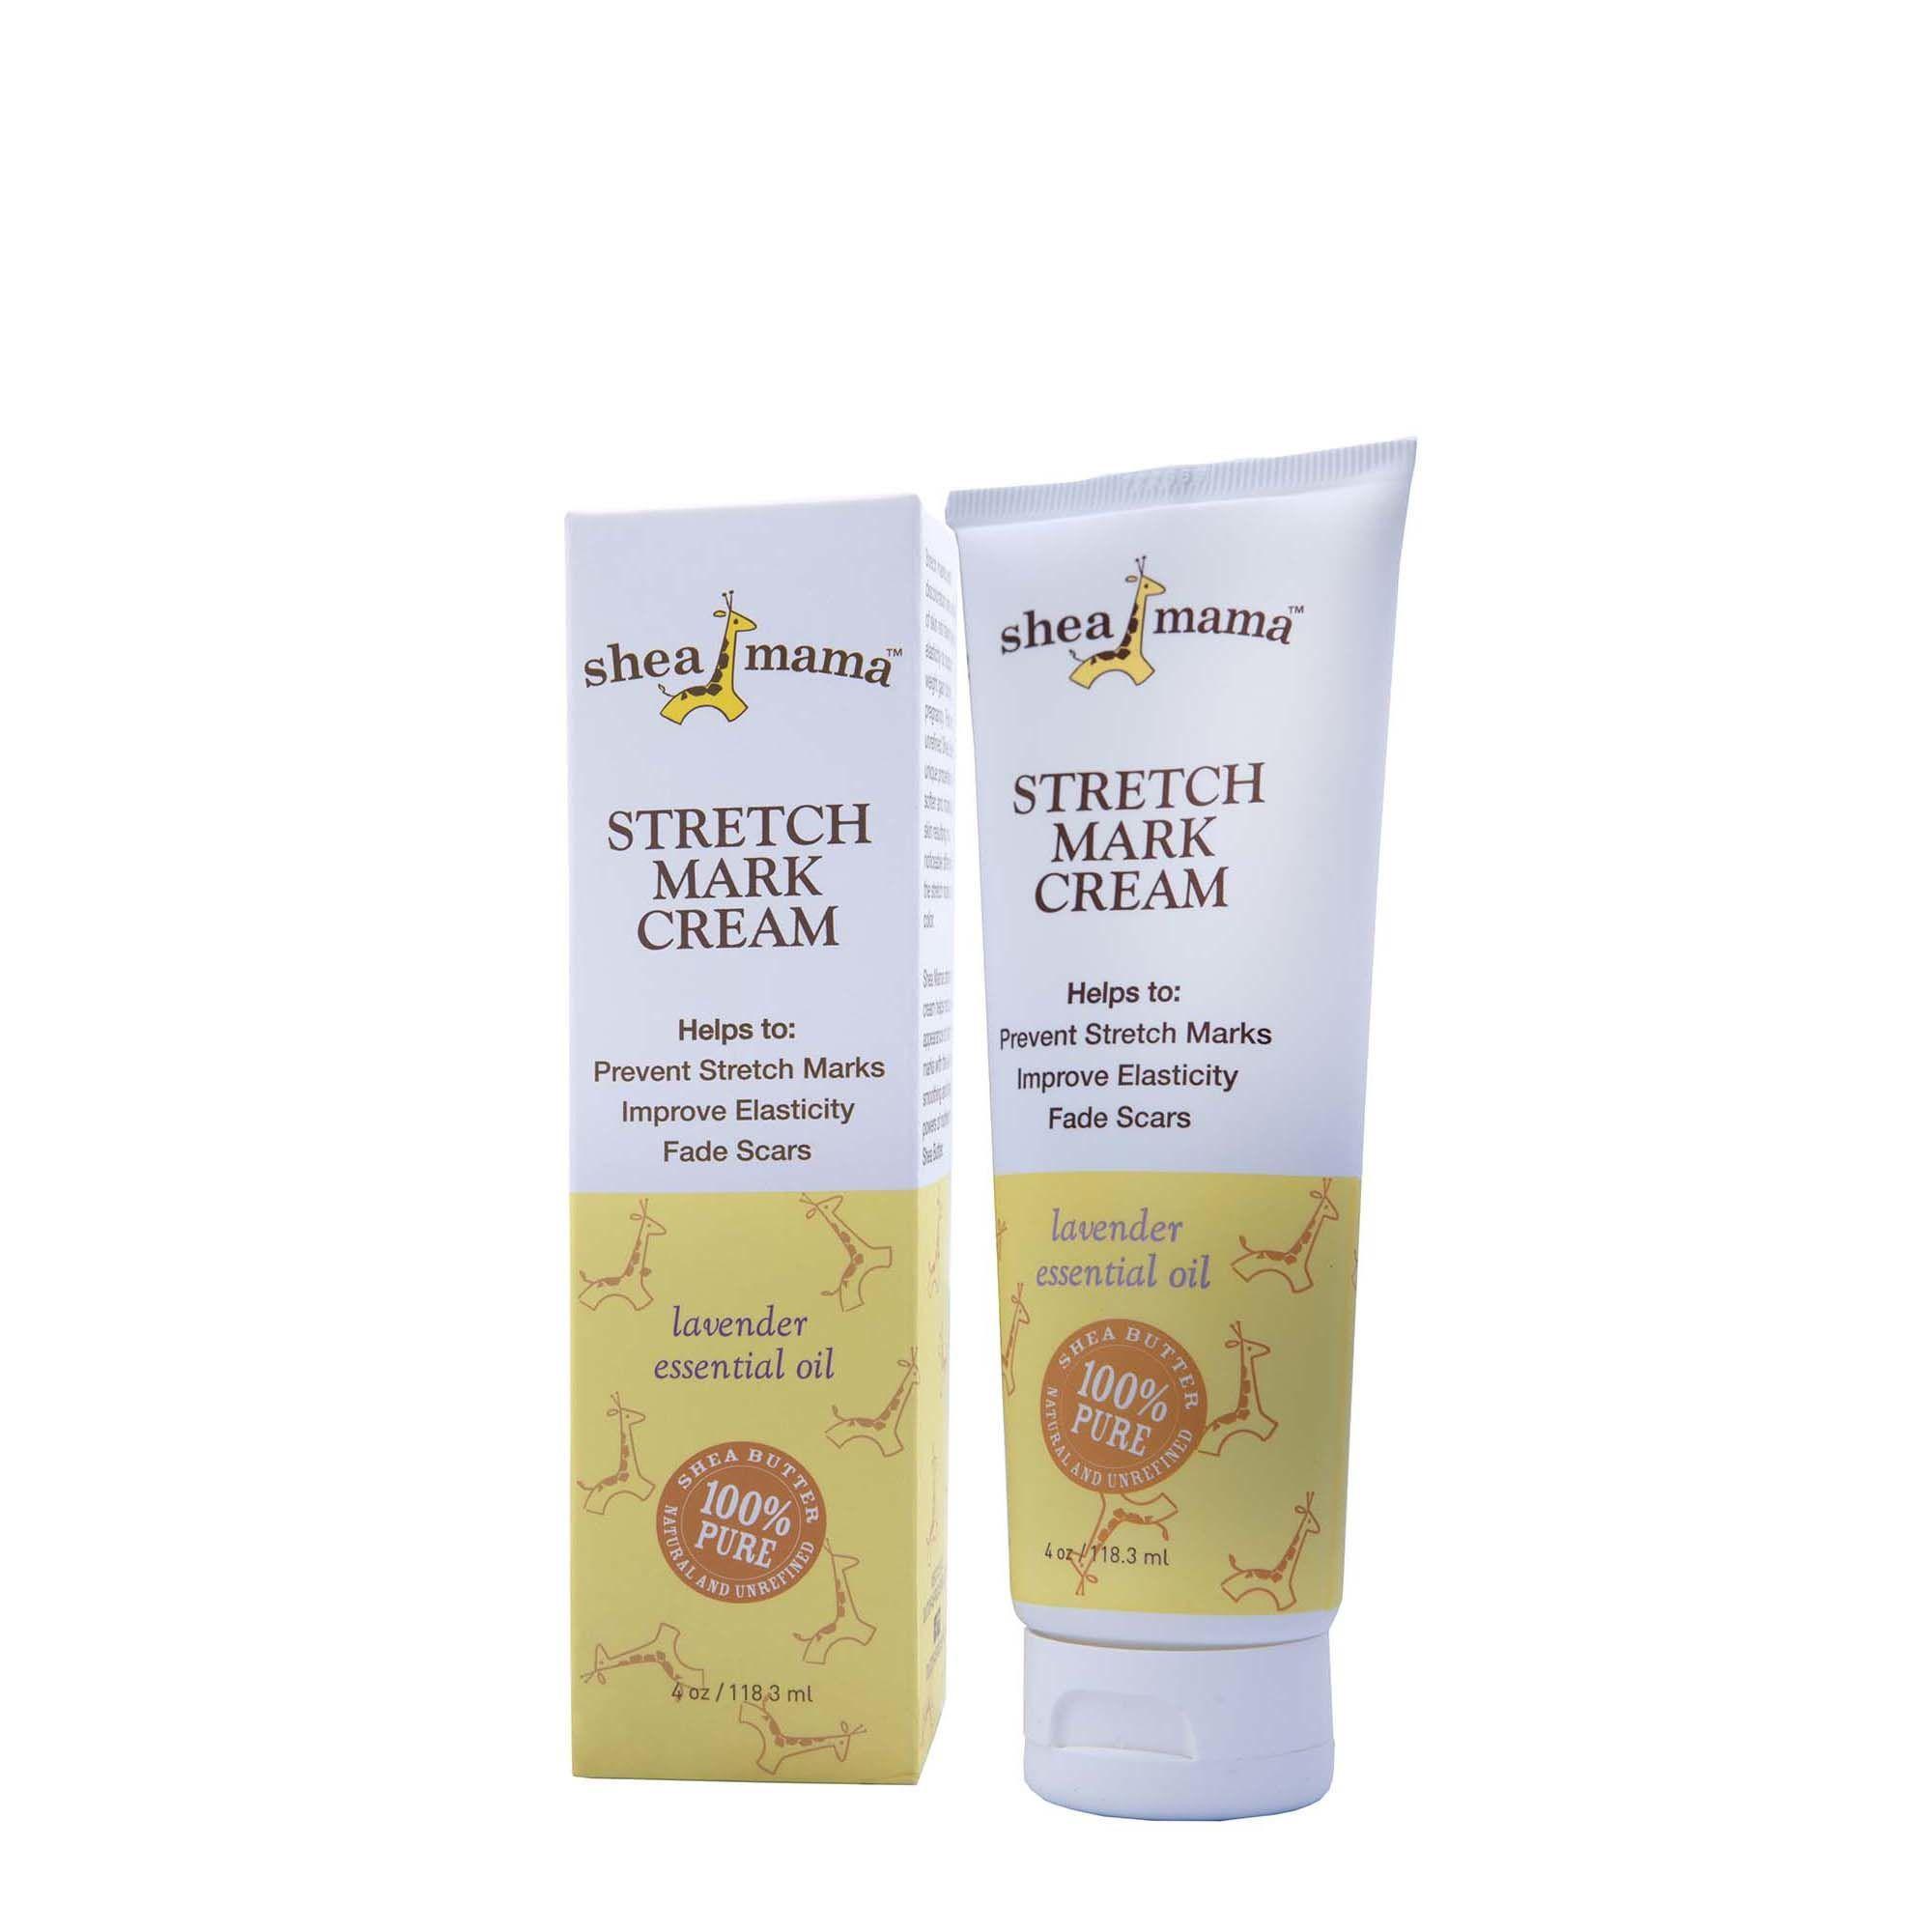 Stretch Mark Cream Stretch Mark Cream Stretch Marks Essential